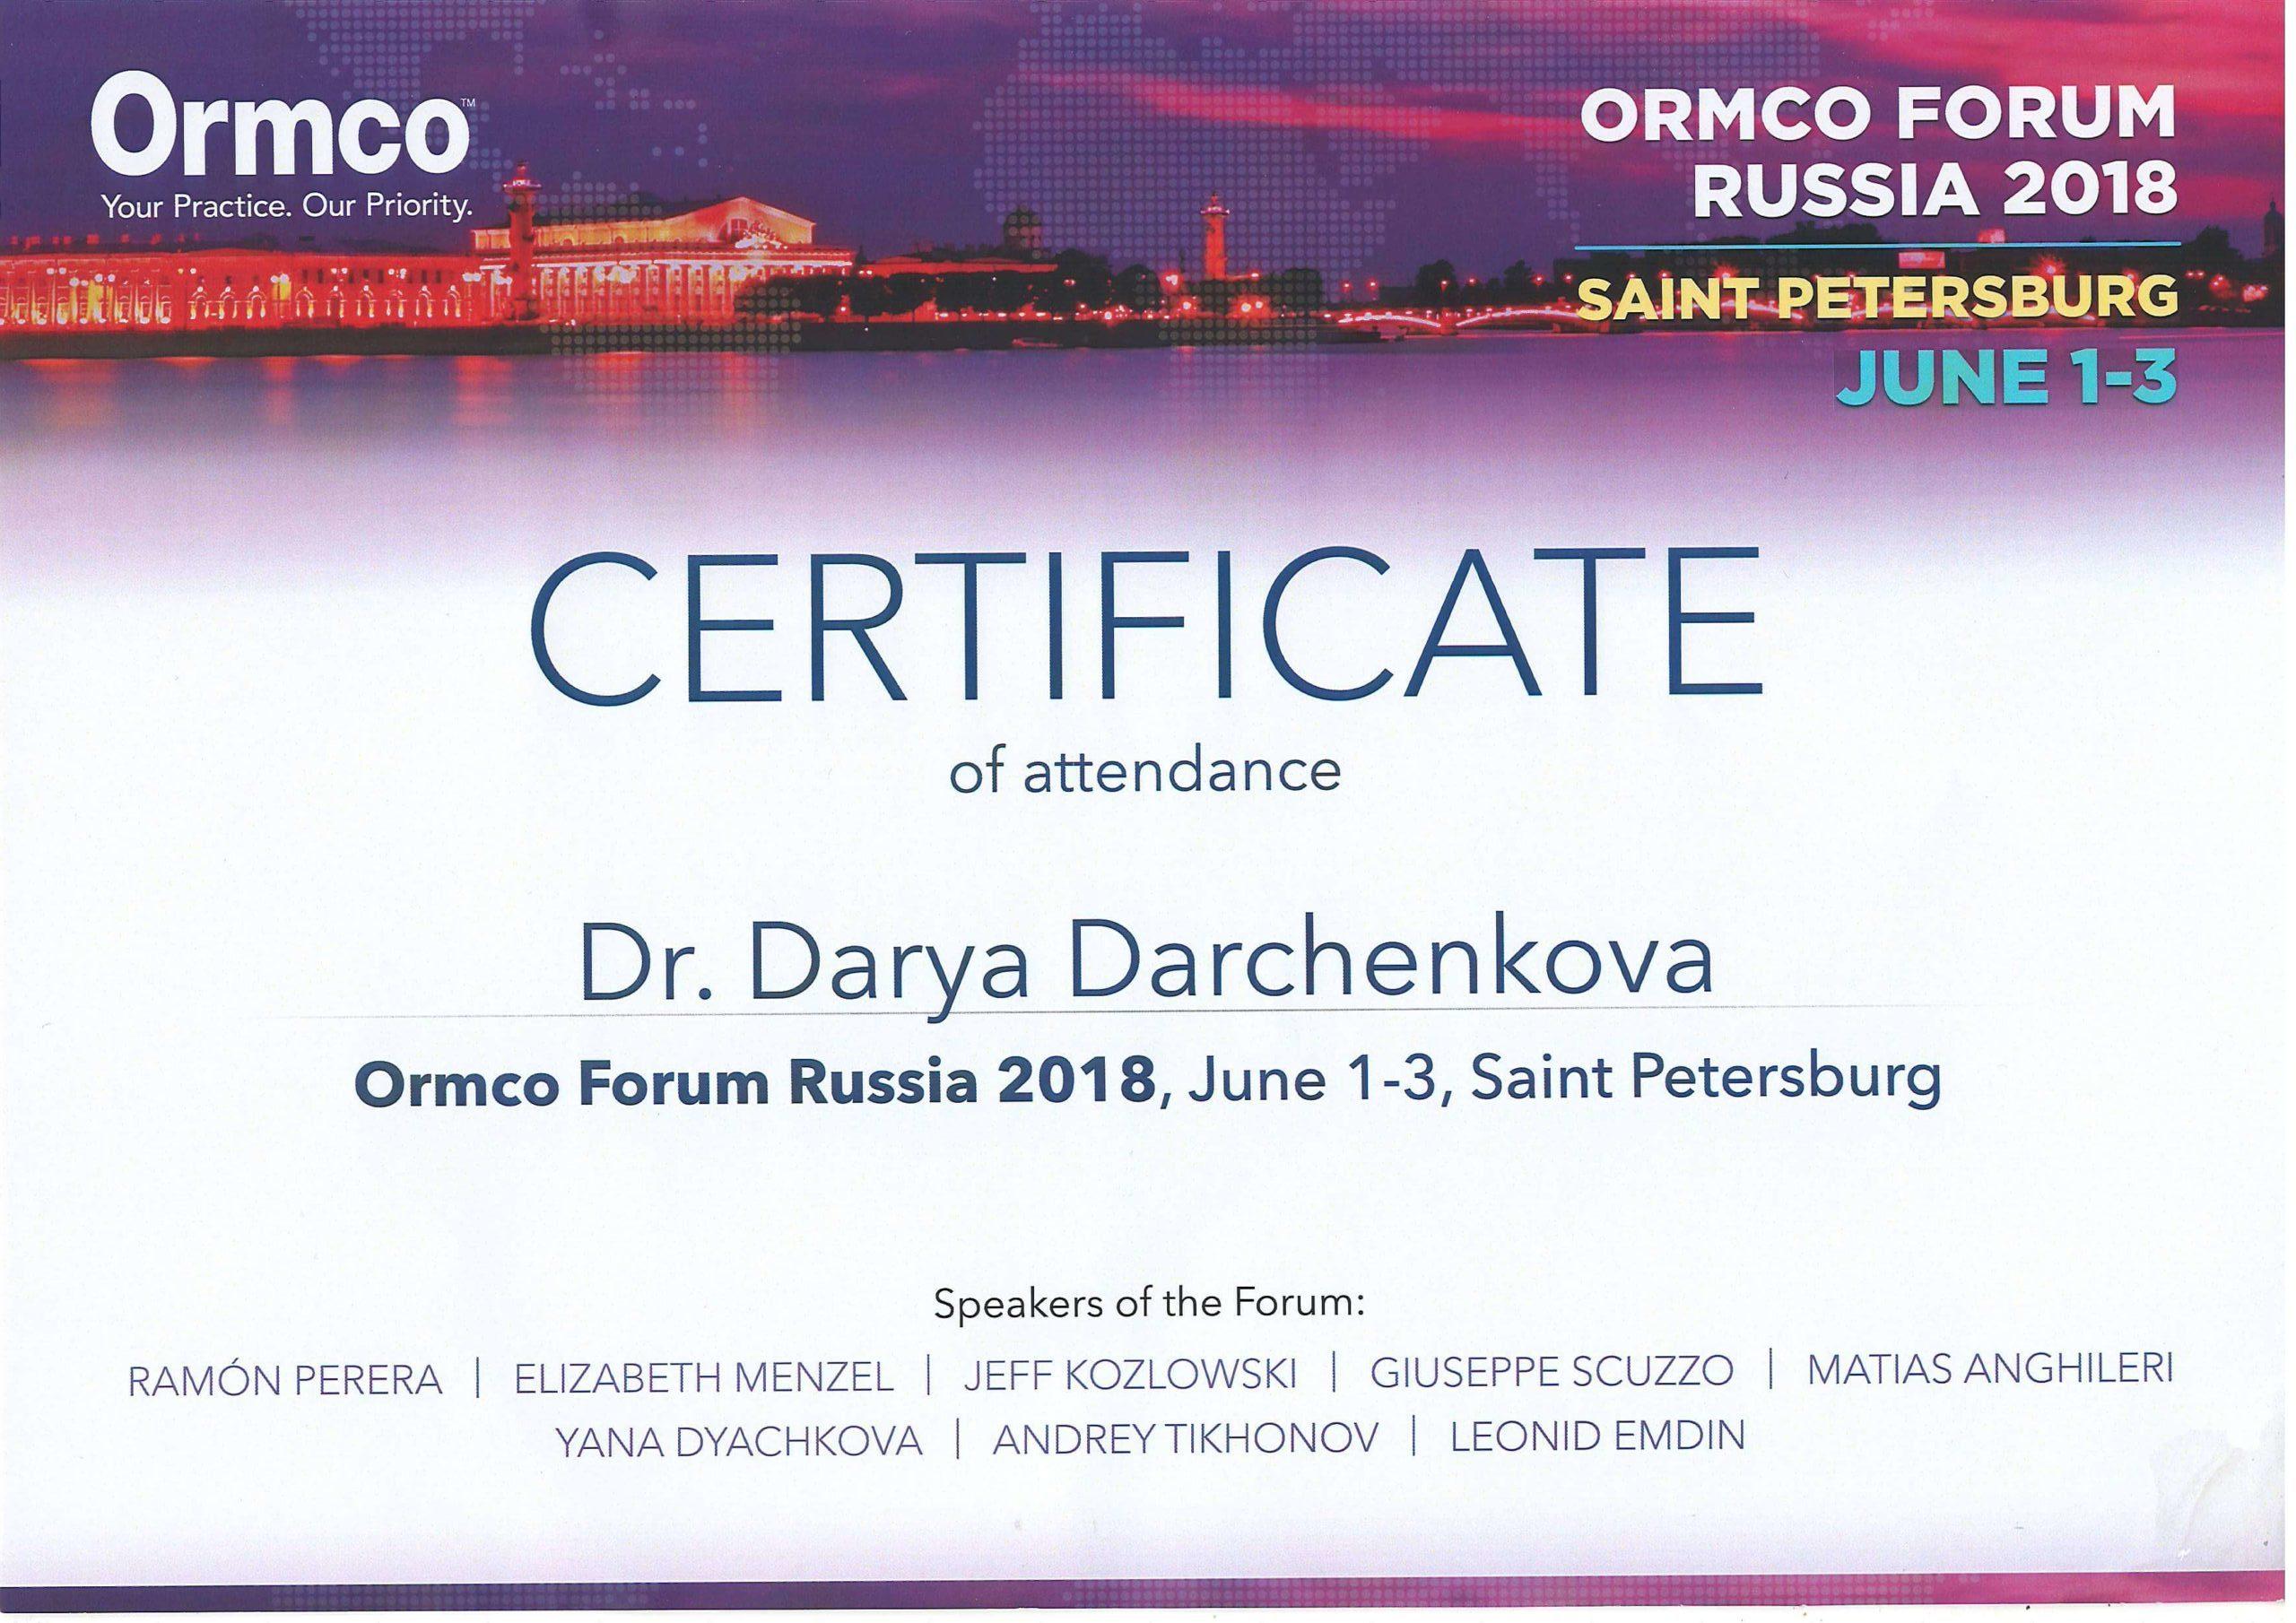 сертификат стоматолога Дарченкова 2018